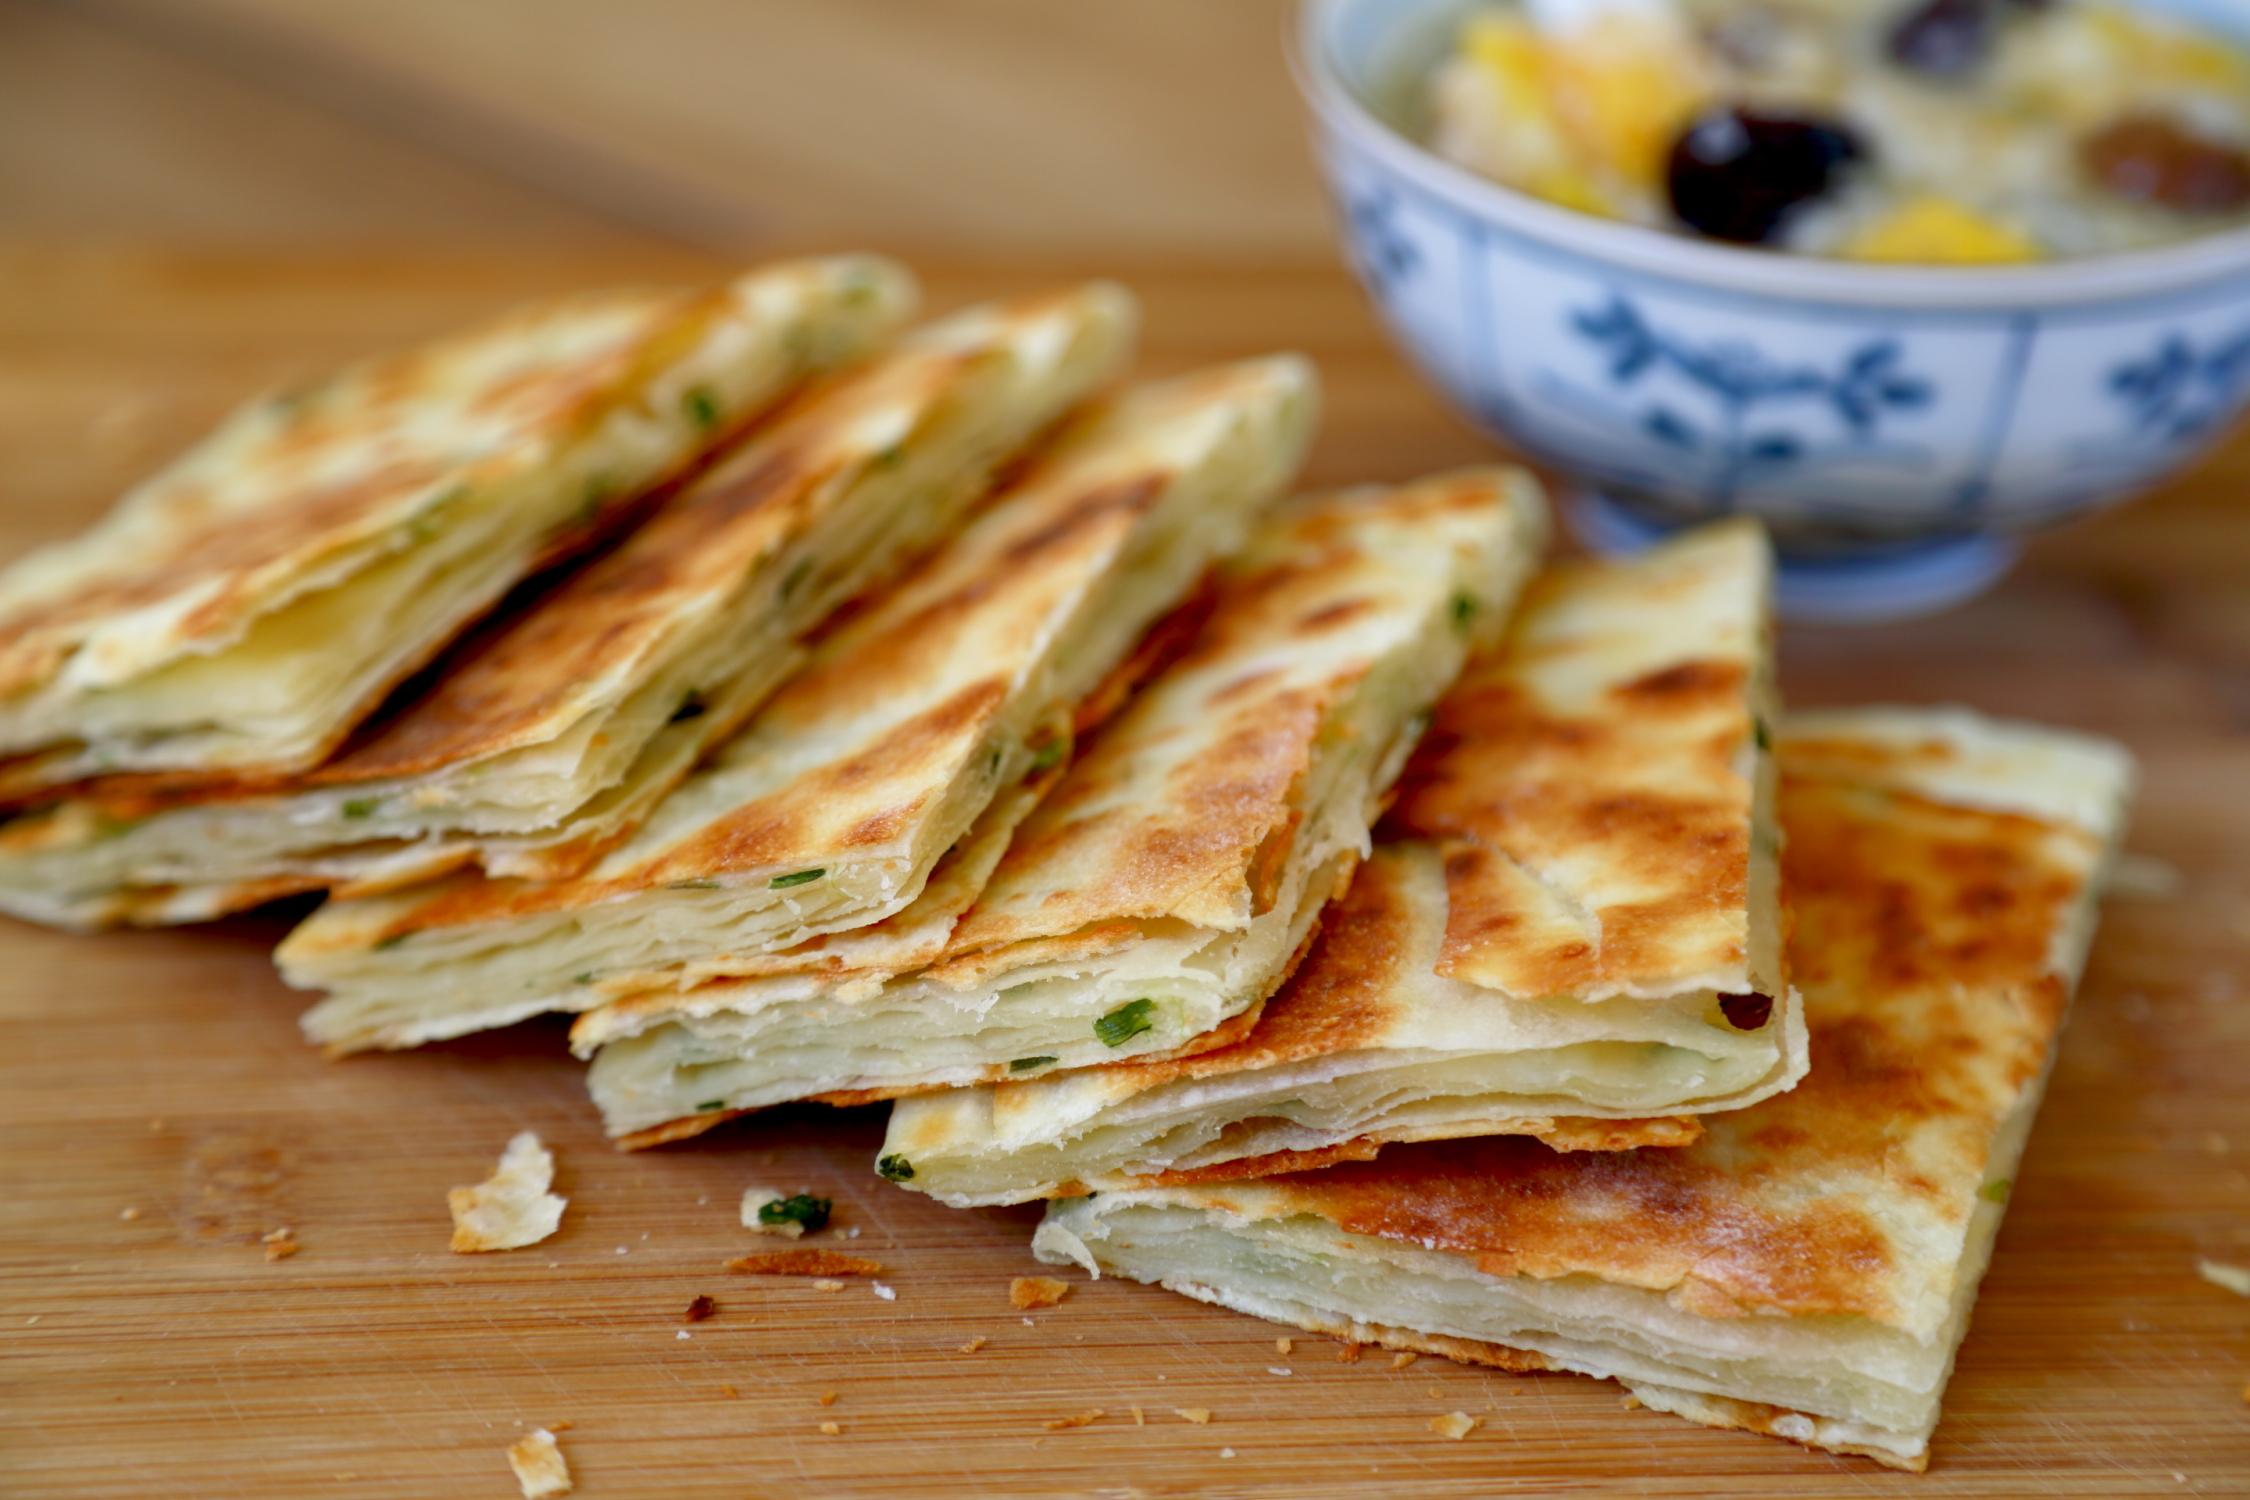 简单五招做出焦香柔软的葱油饼 怎么吃都酥脆